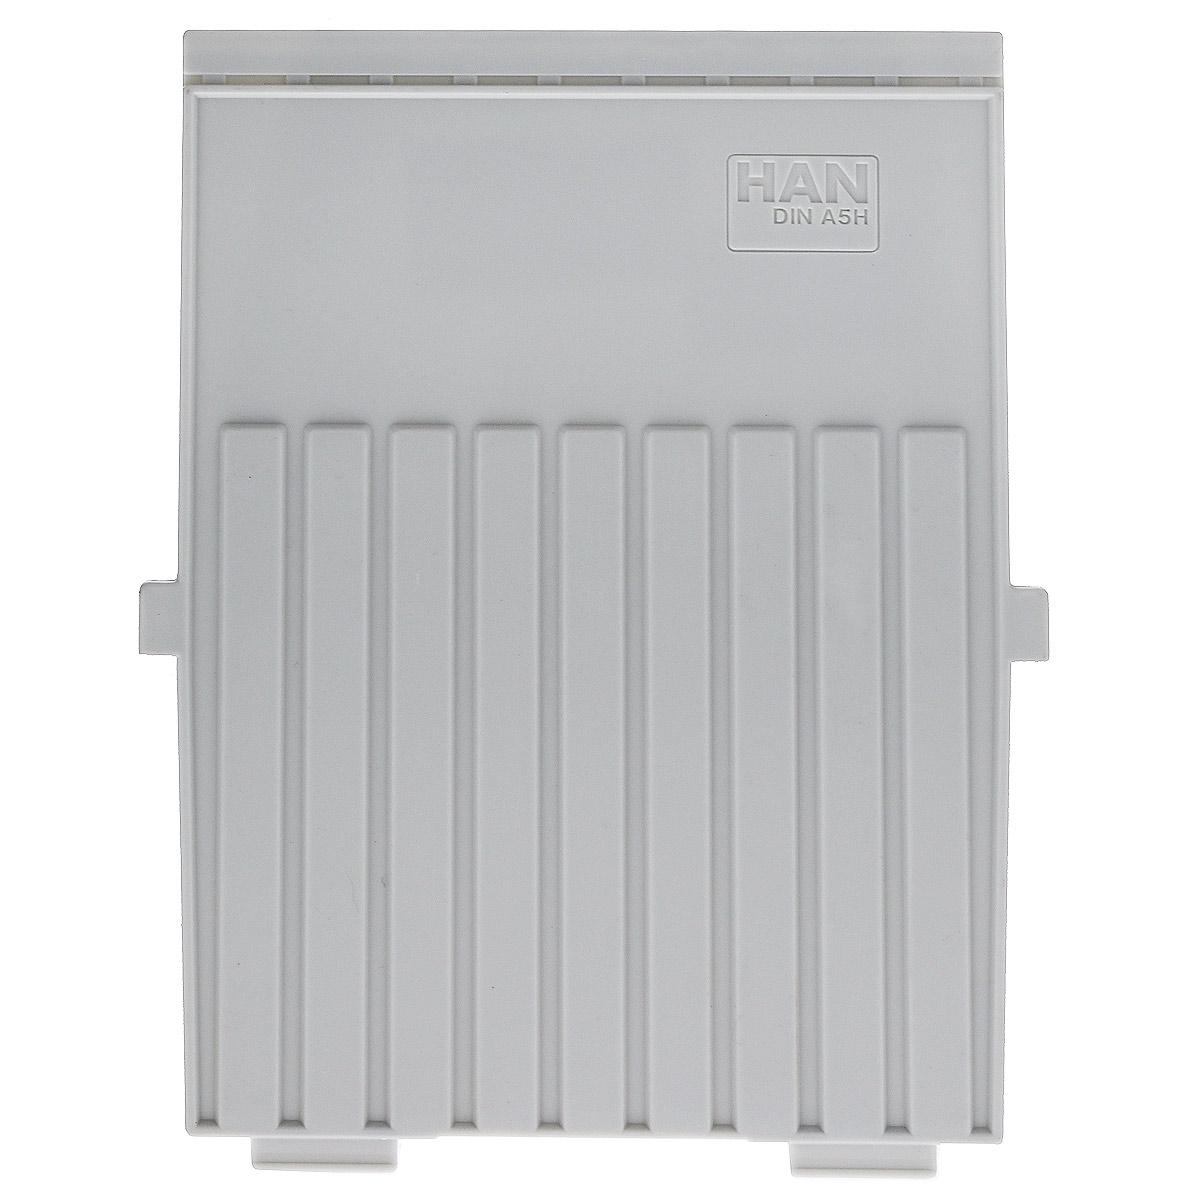 Разделитель для вертикальной картотеки Han, цвет: серый. Формат А582890Разделитель для картотеки Han изготовлен из пластика серого цвета. Предназначен для вертикальных картотек HAN. Имеется специальное поле для установки индексного окна (сверху).